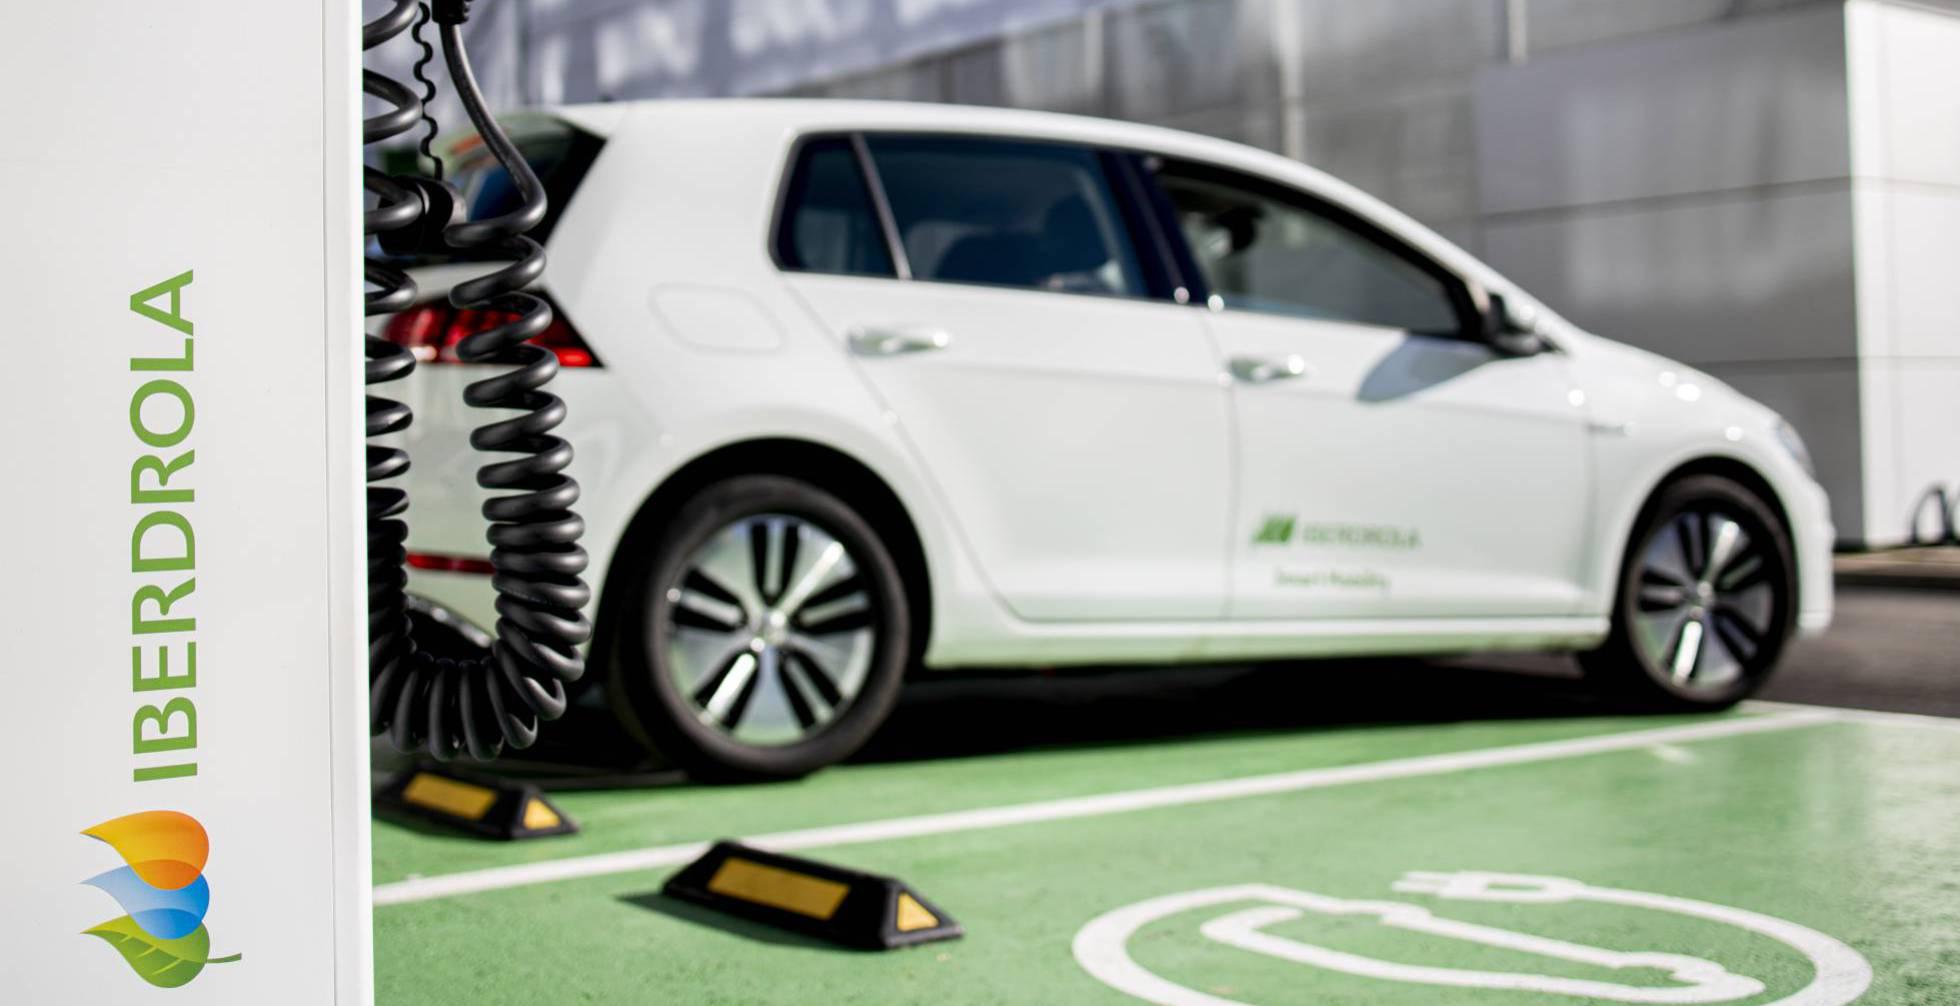 ¡Arranca tu coche eléctrico!